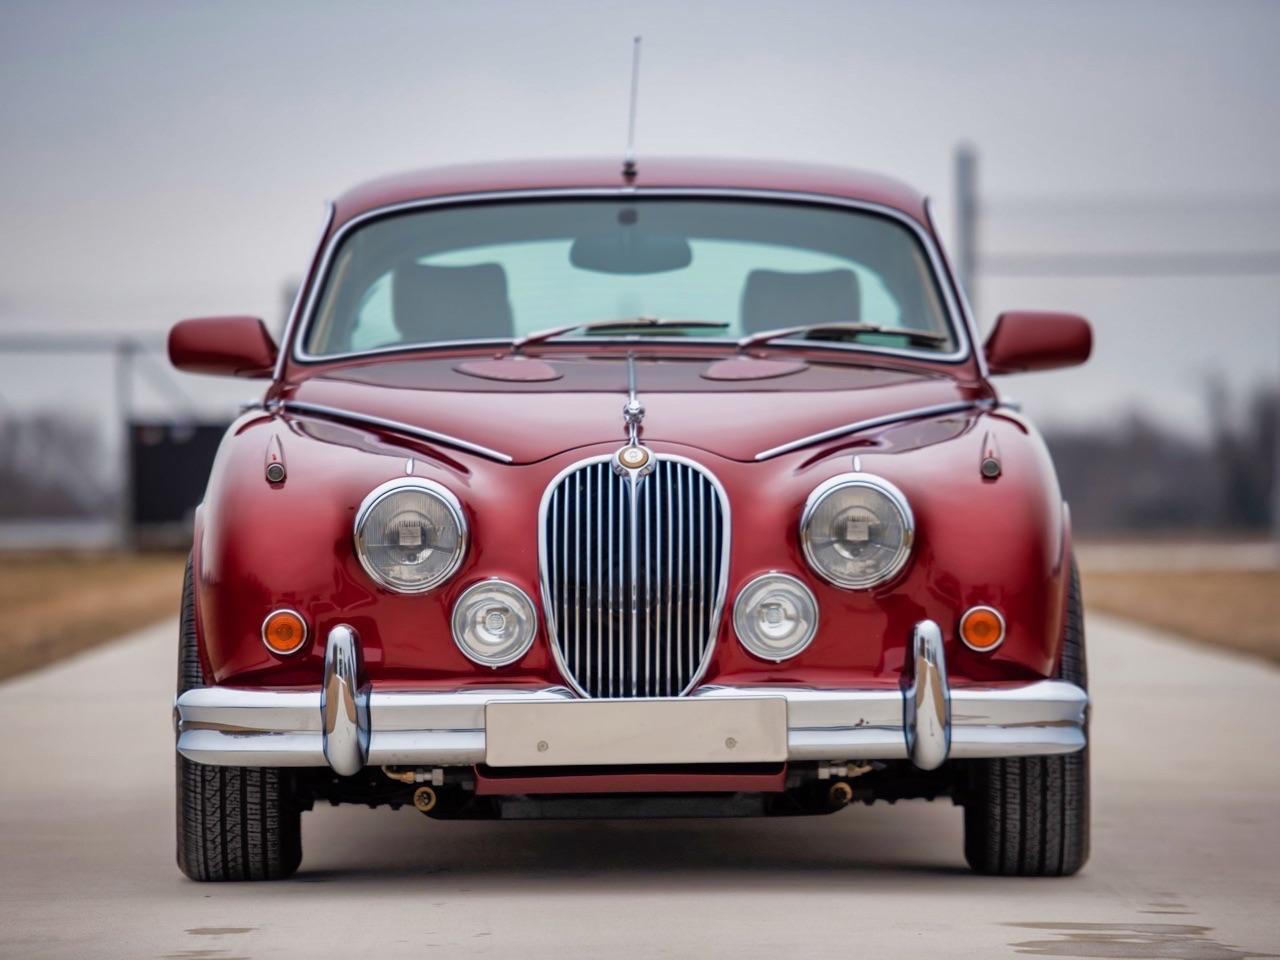 Restomod Jaguar MkII 3.8... enfin, plutôt Beacham V8 Supercharged ! 1